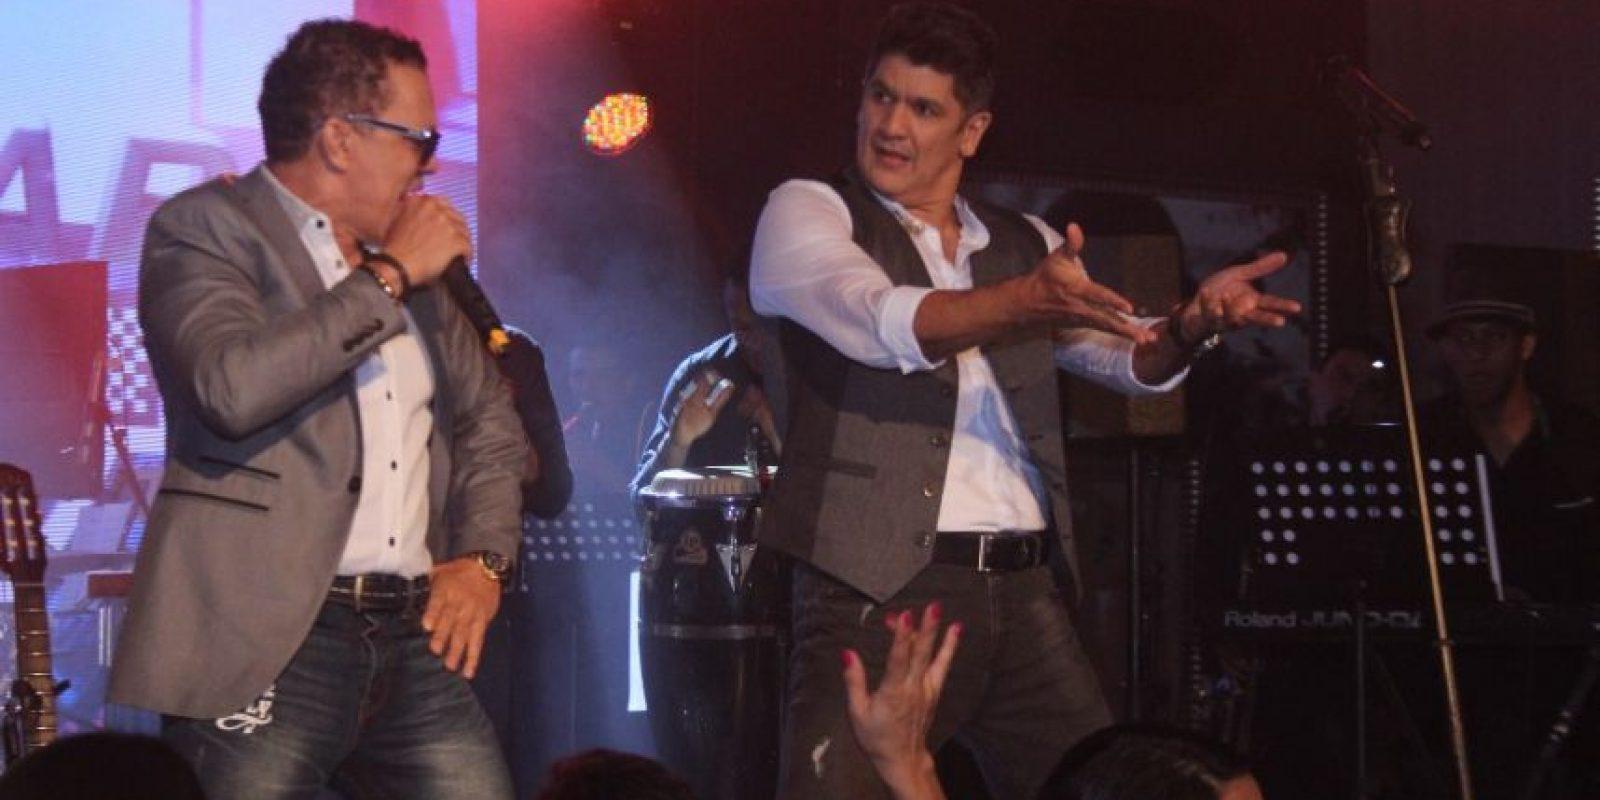 Eddy Herrera con Rafa Rorario en escenario Foto:Fuente Externa